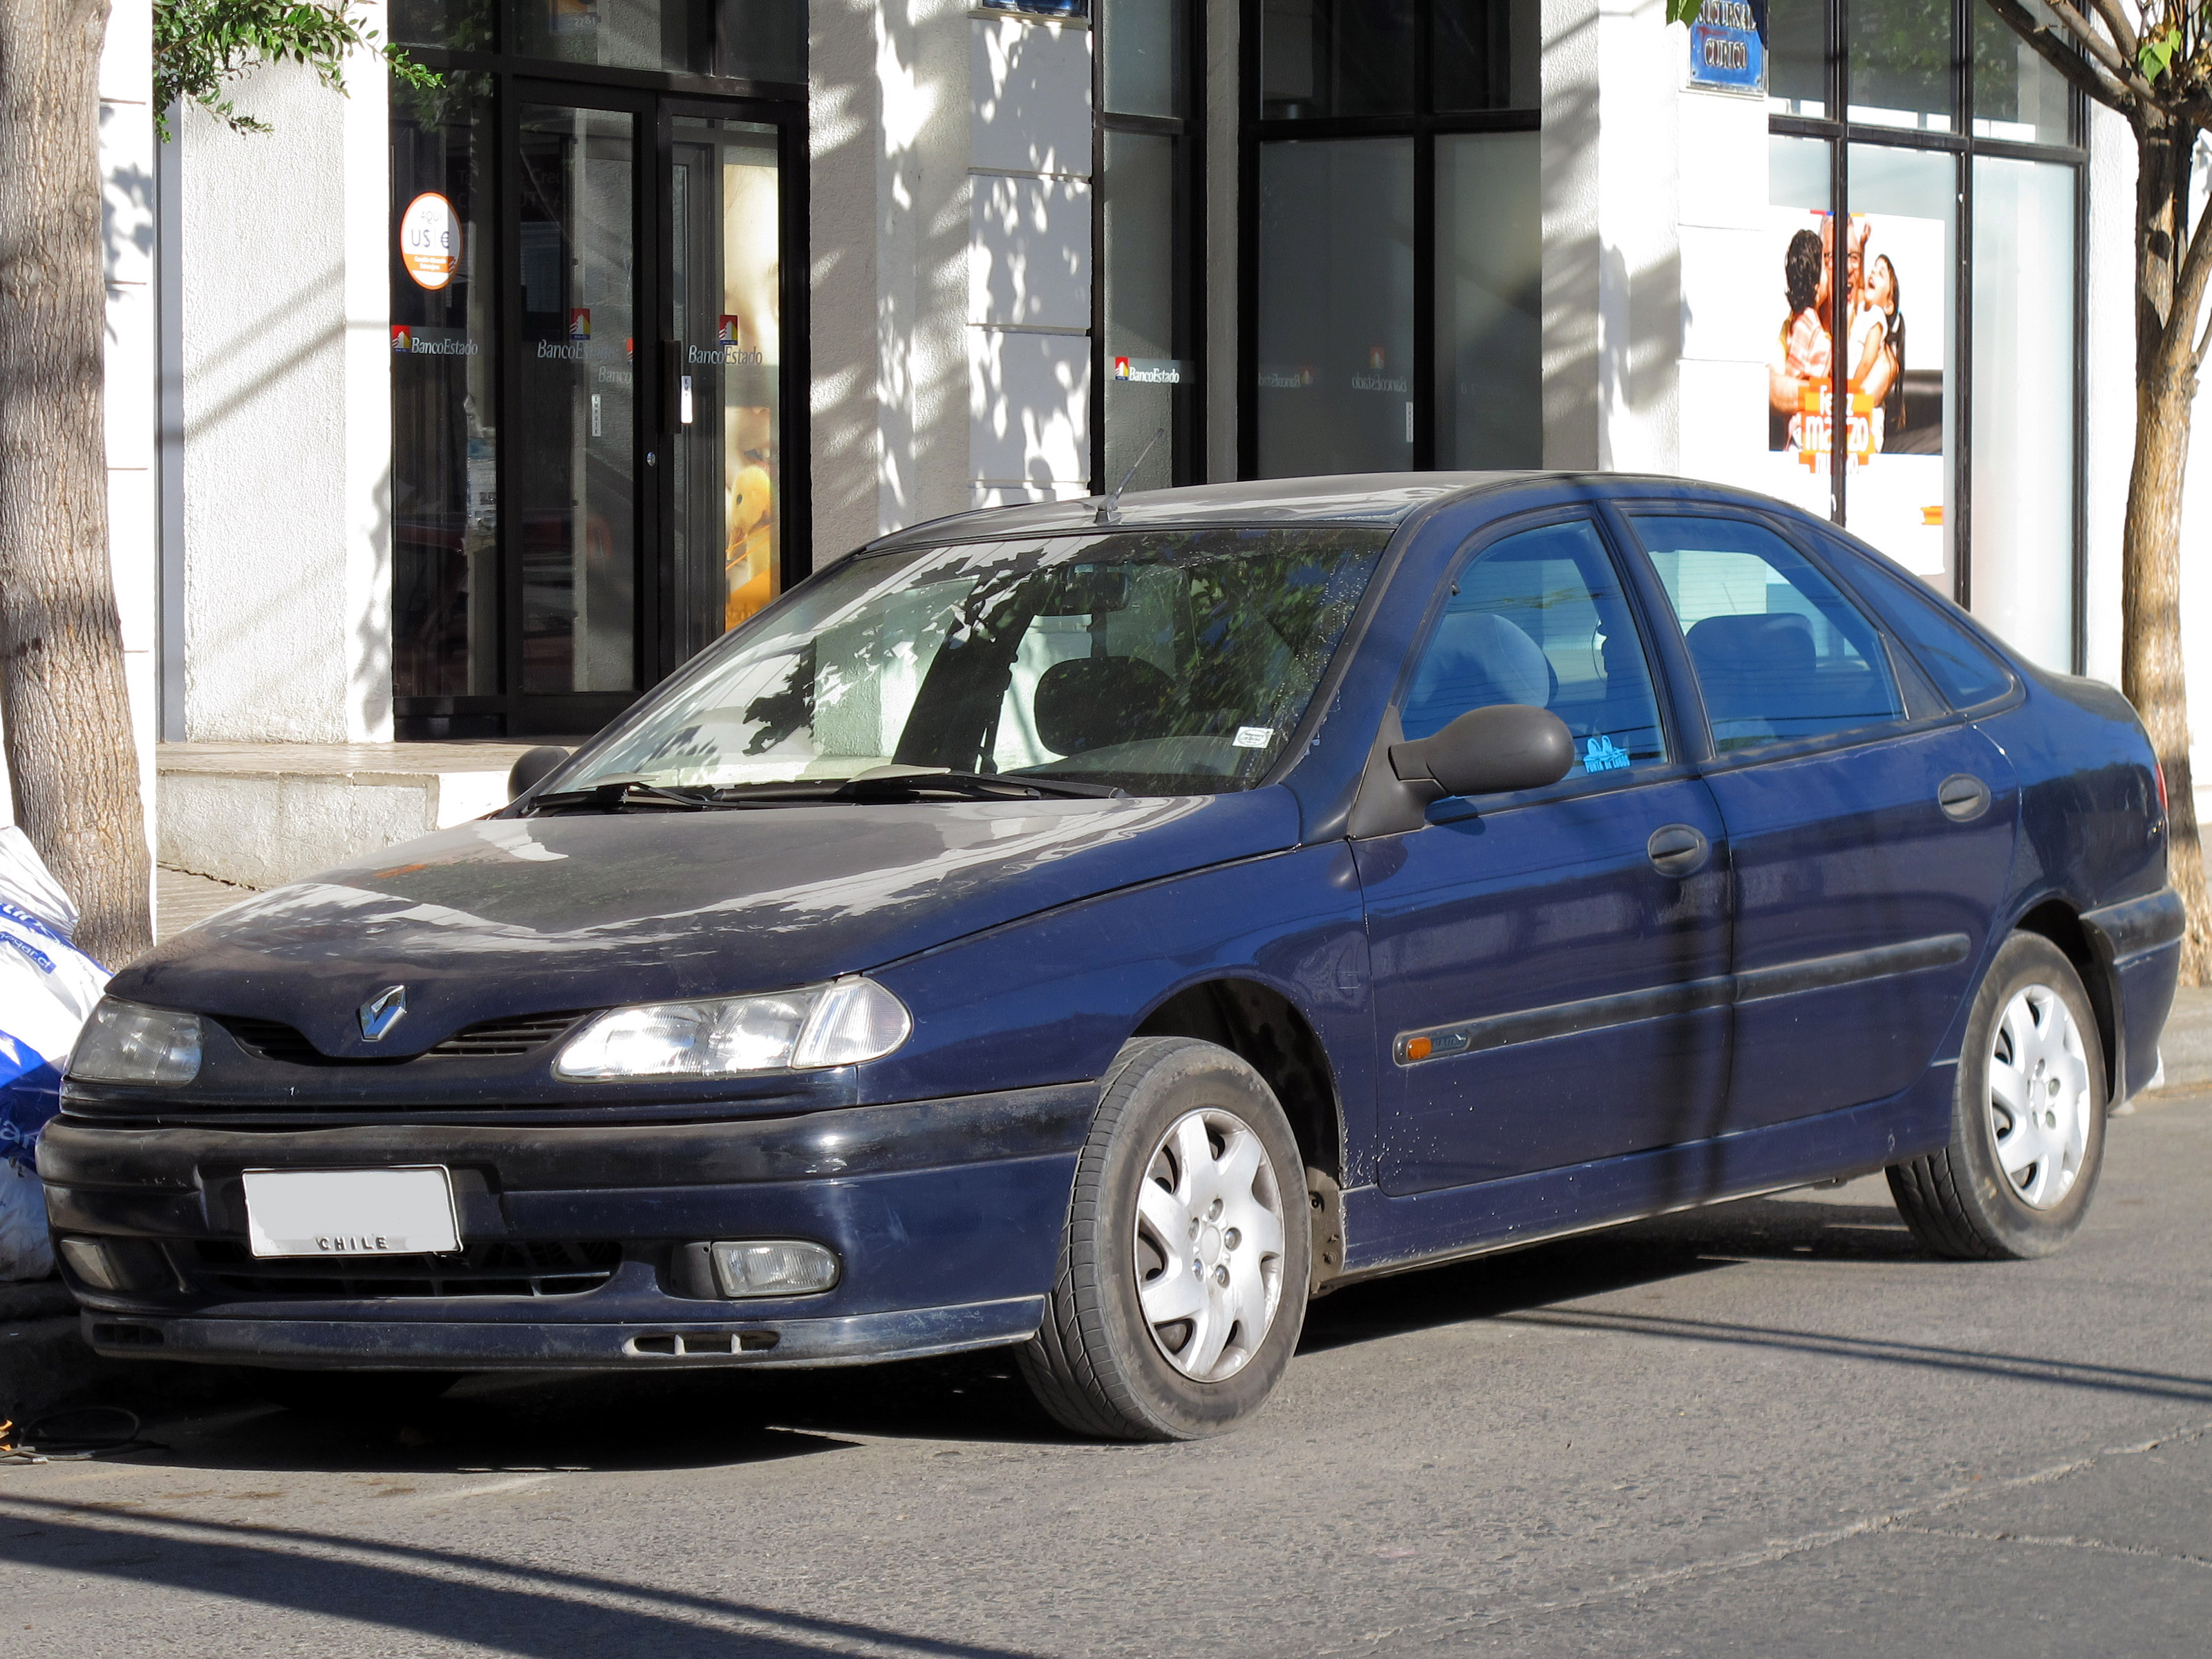 File:Renault Laguna 1.8 Albatros 1996 (17307818516).jpg ...